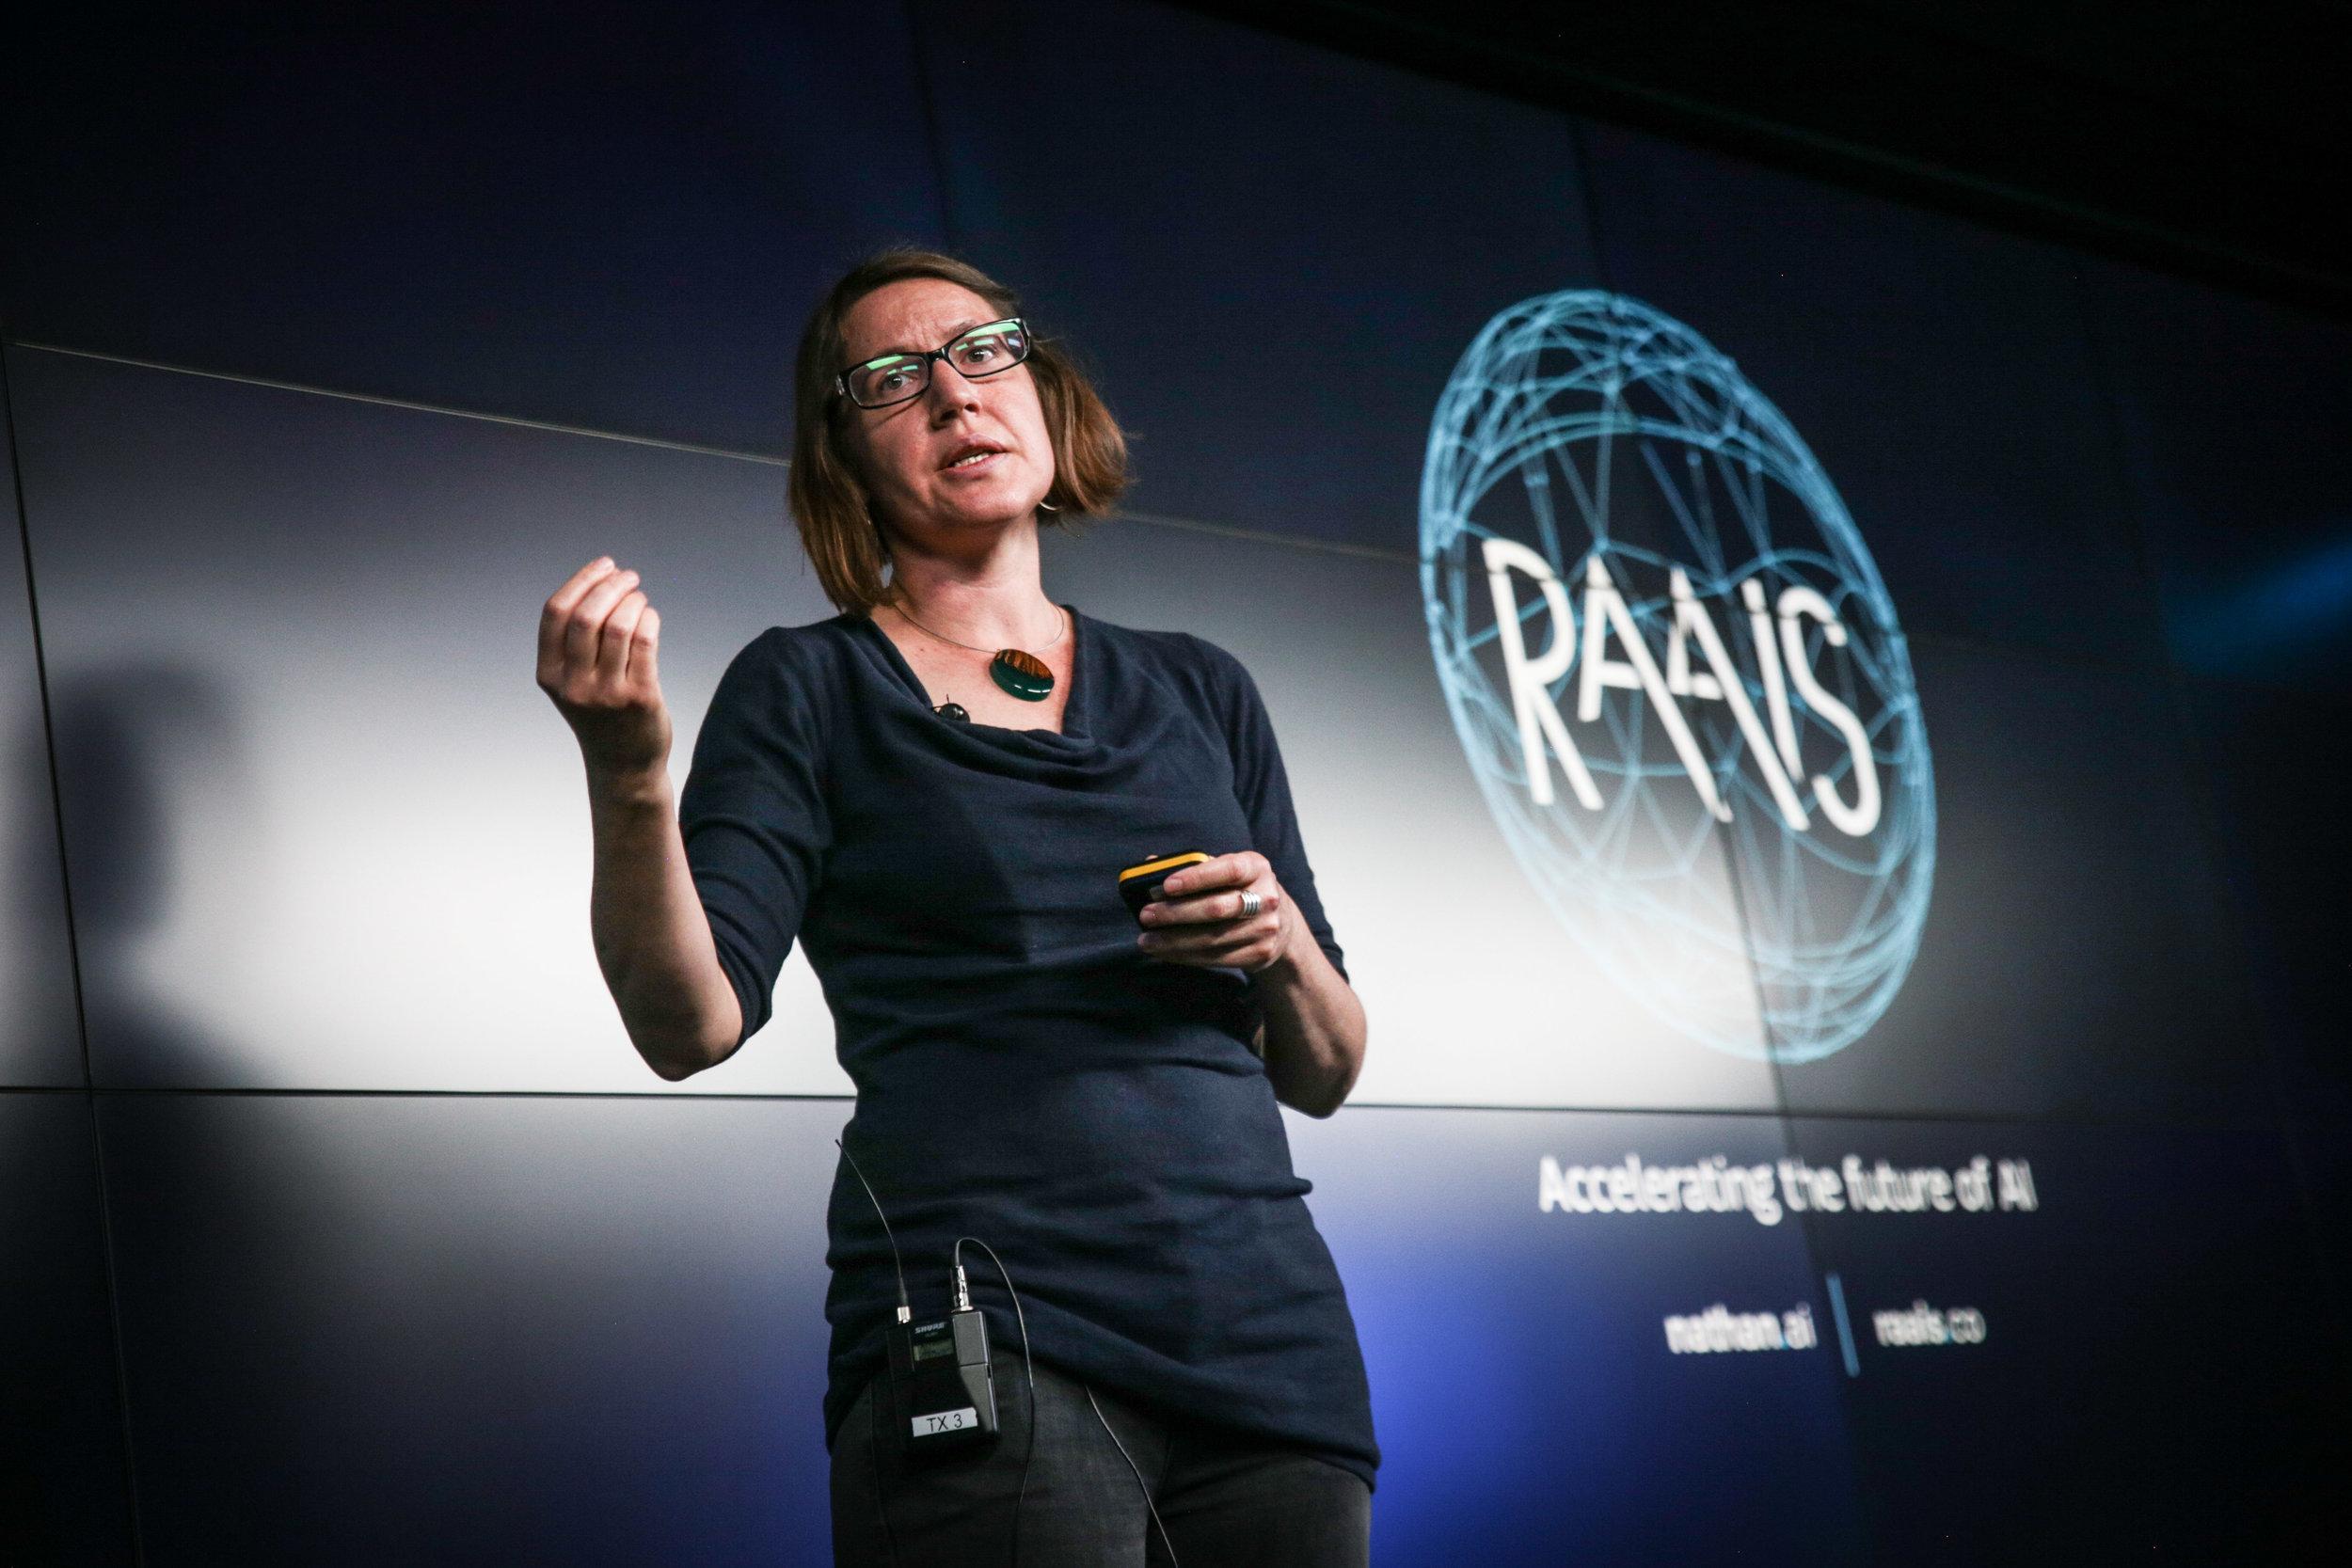 RAAIS AI Event London